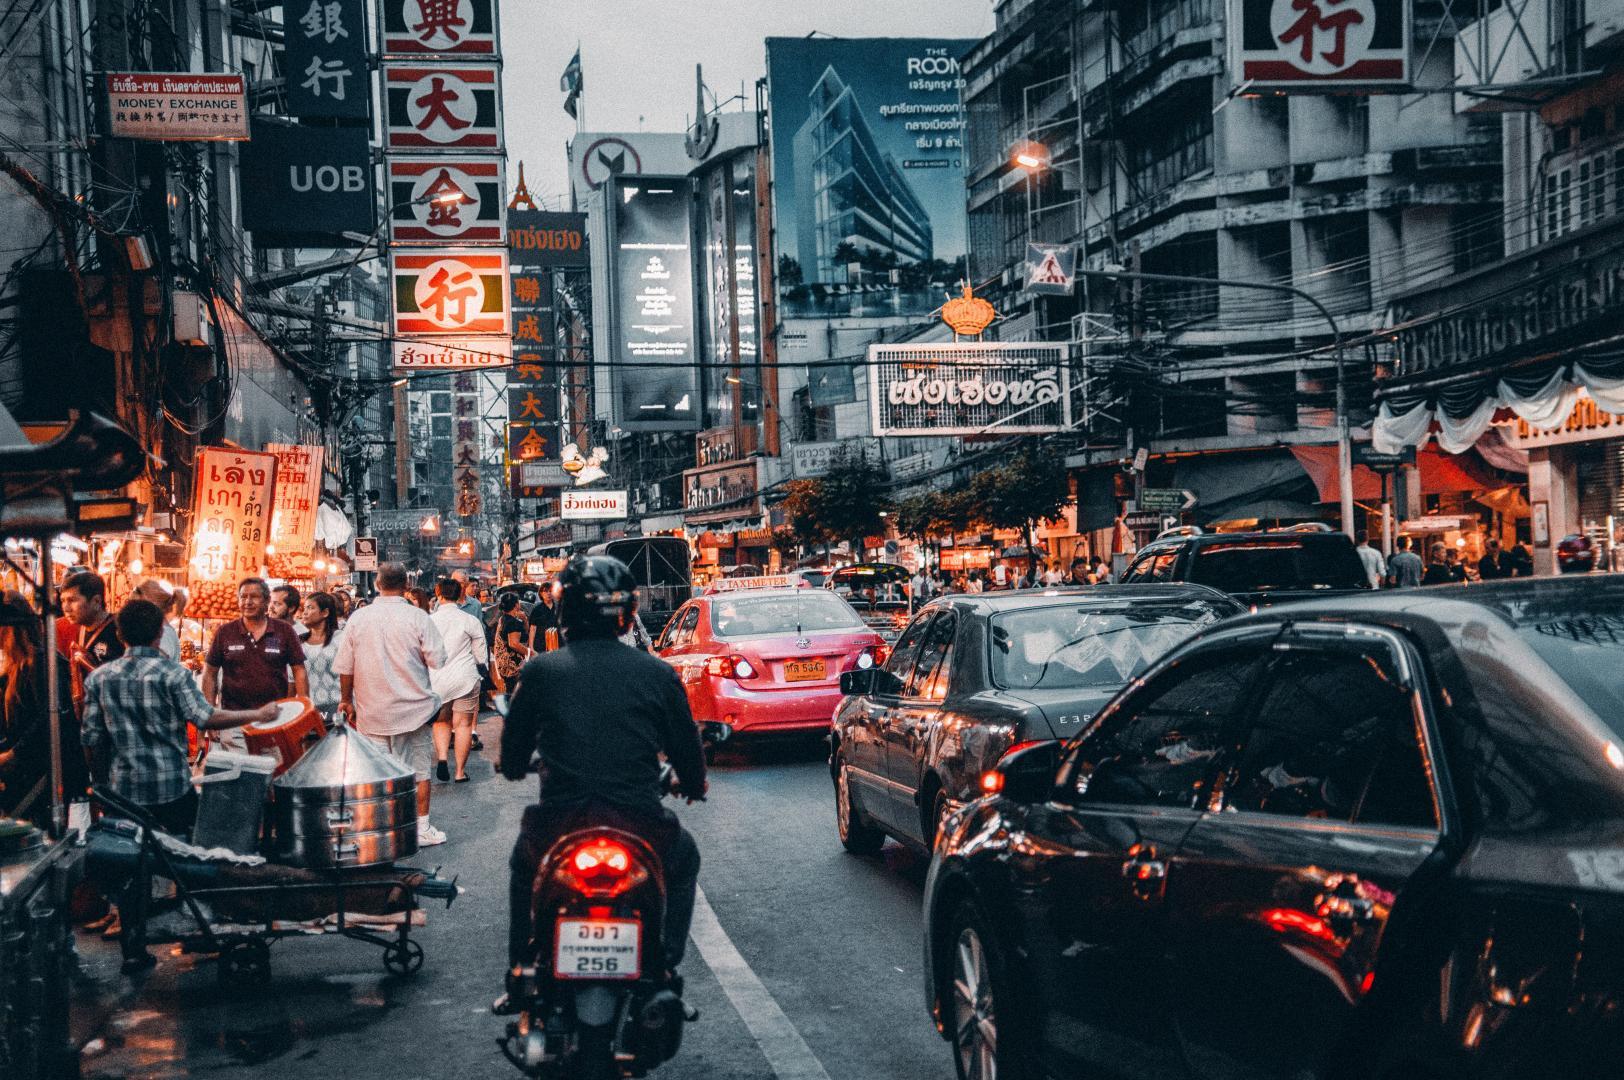 Drukke stad in Azië